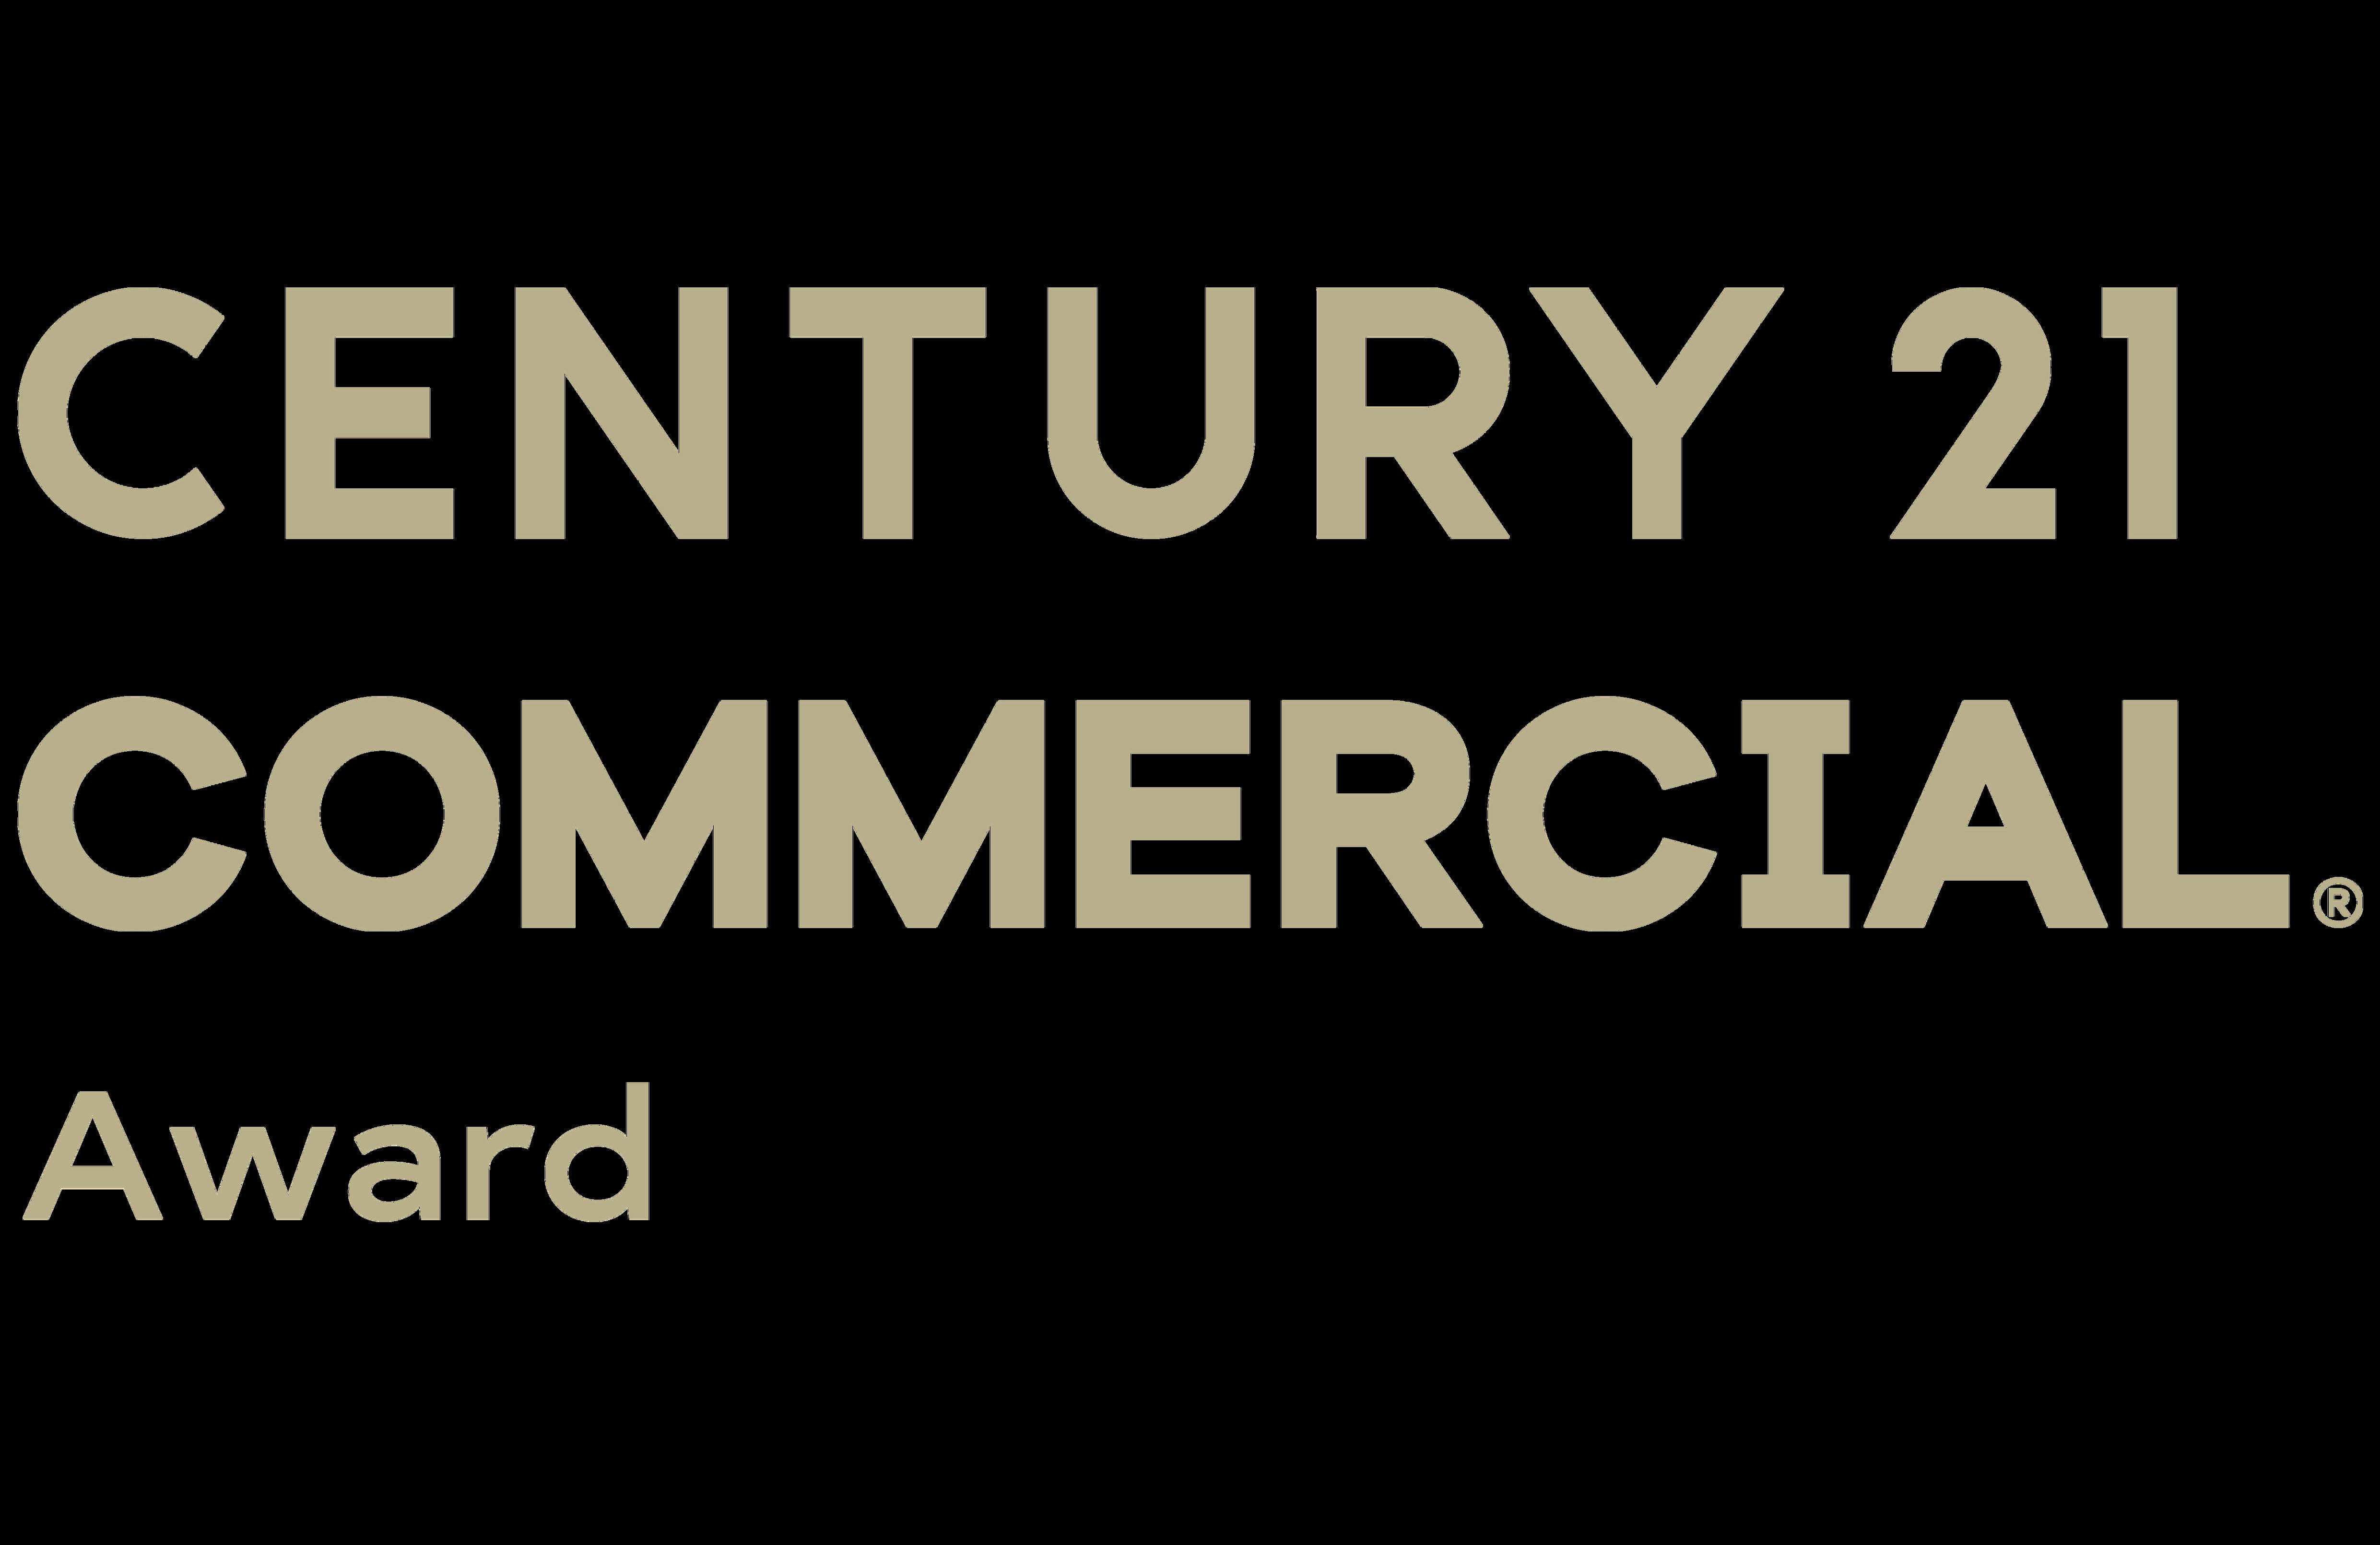 CENTURY 21 Award